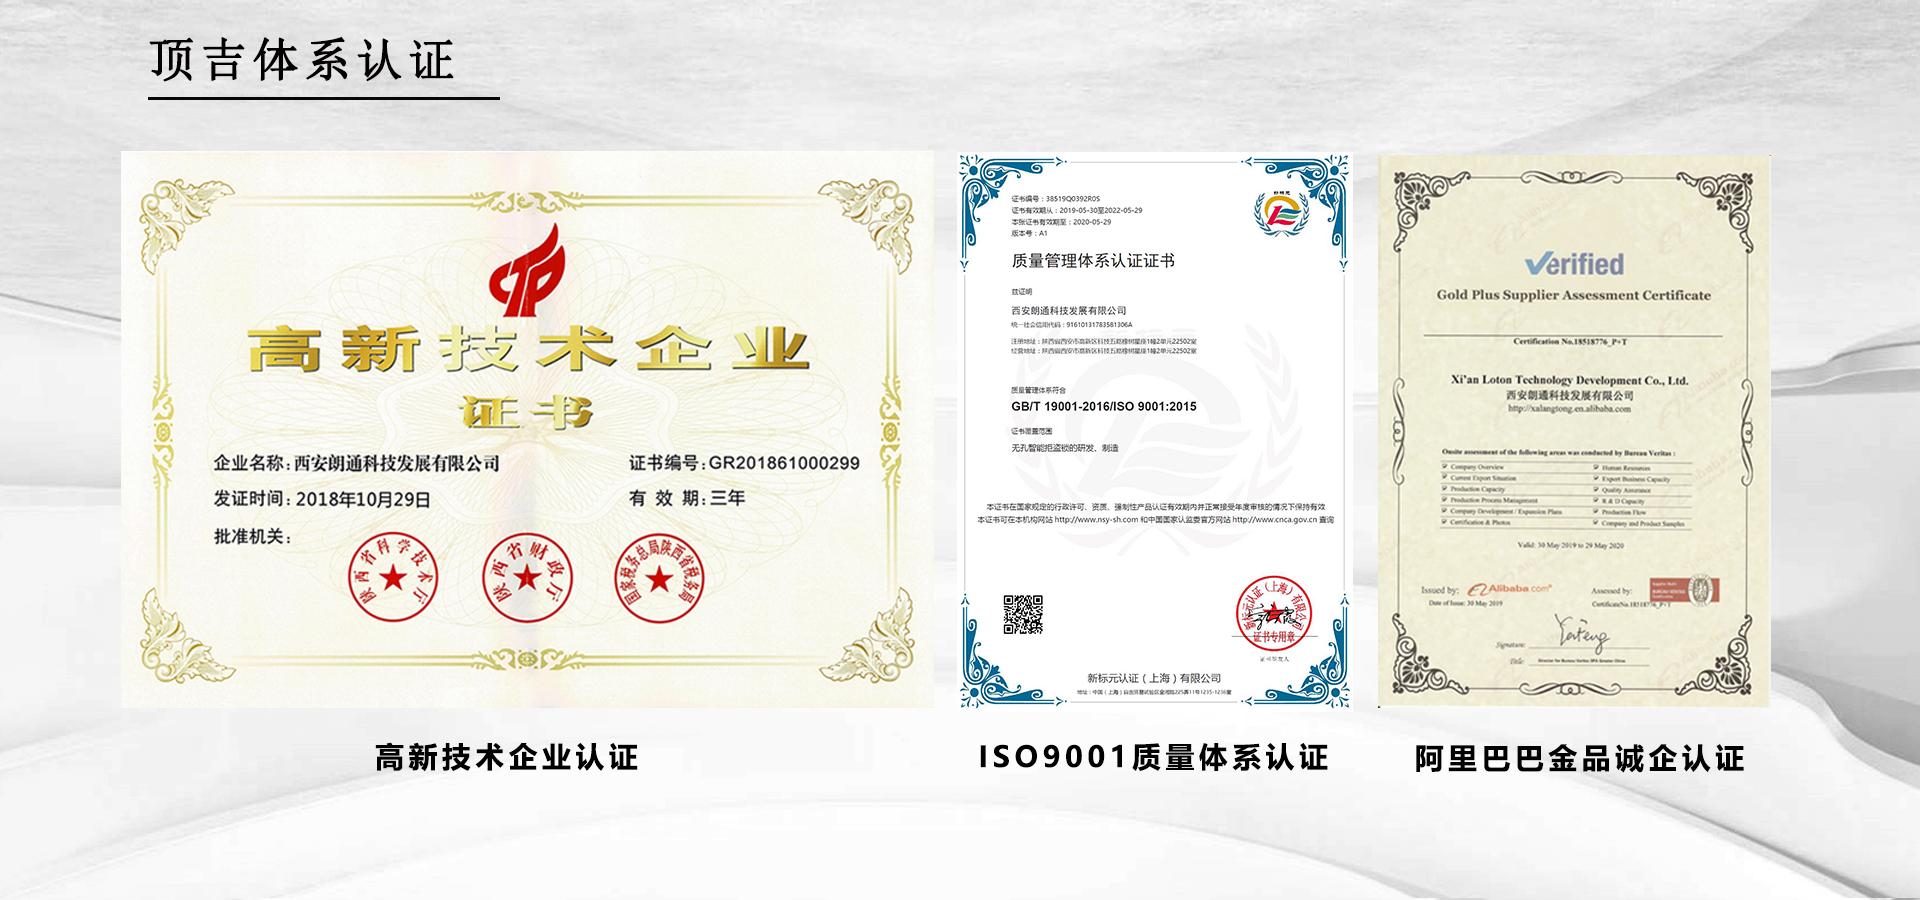 頂吉智能鎖IOS9001質量體系認證